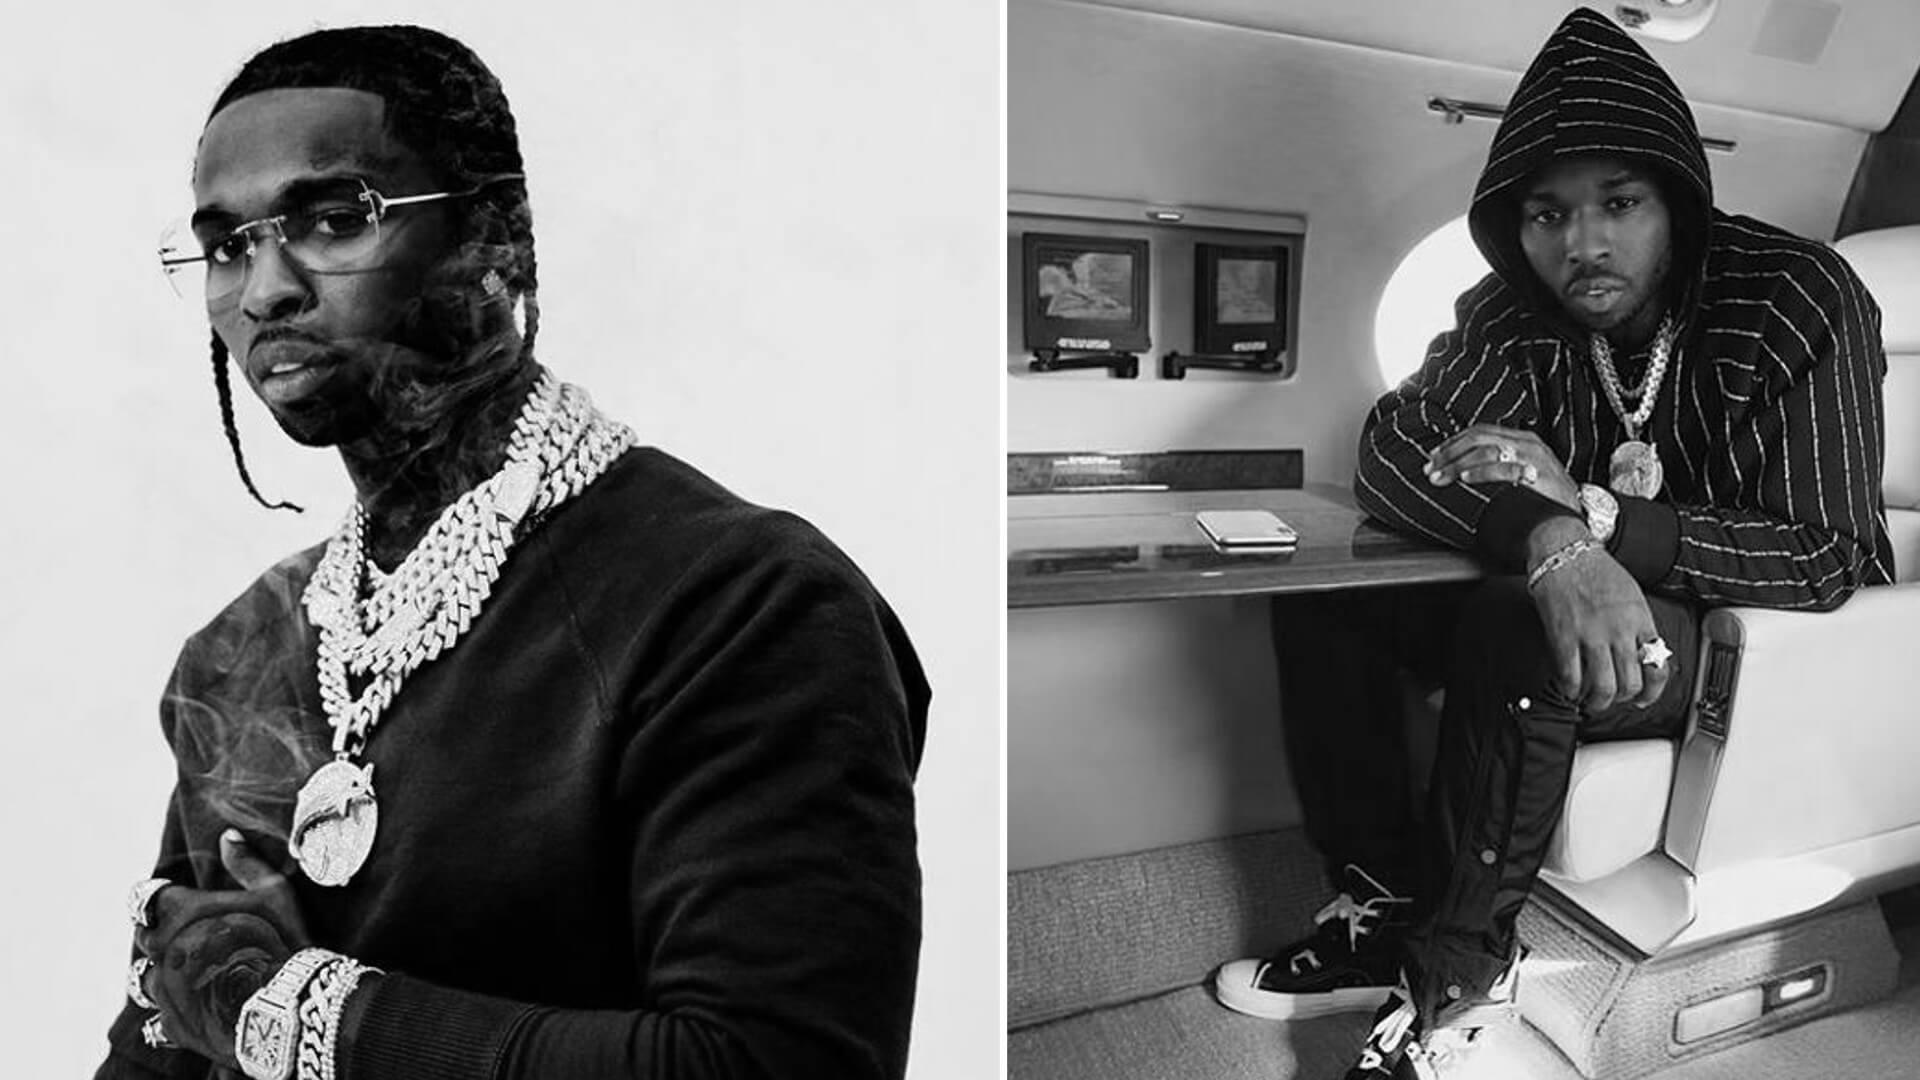 SZOK! Amerykański raper Pop Smokezastrzelony we własnym domu